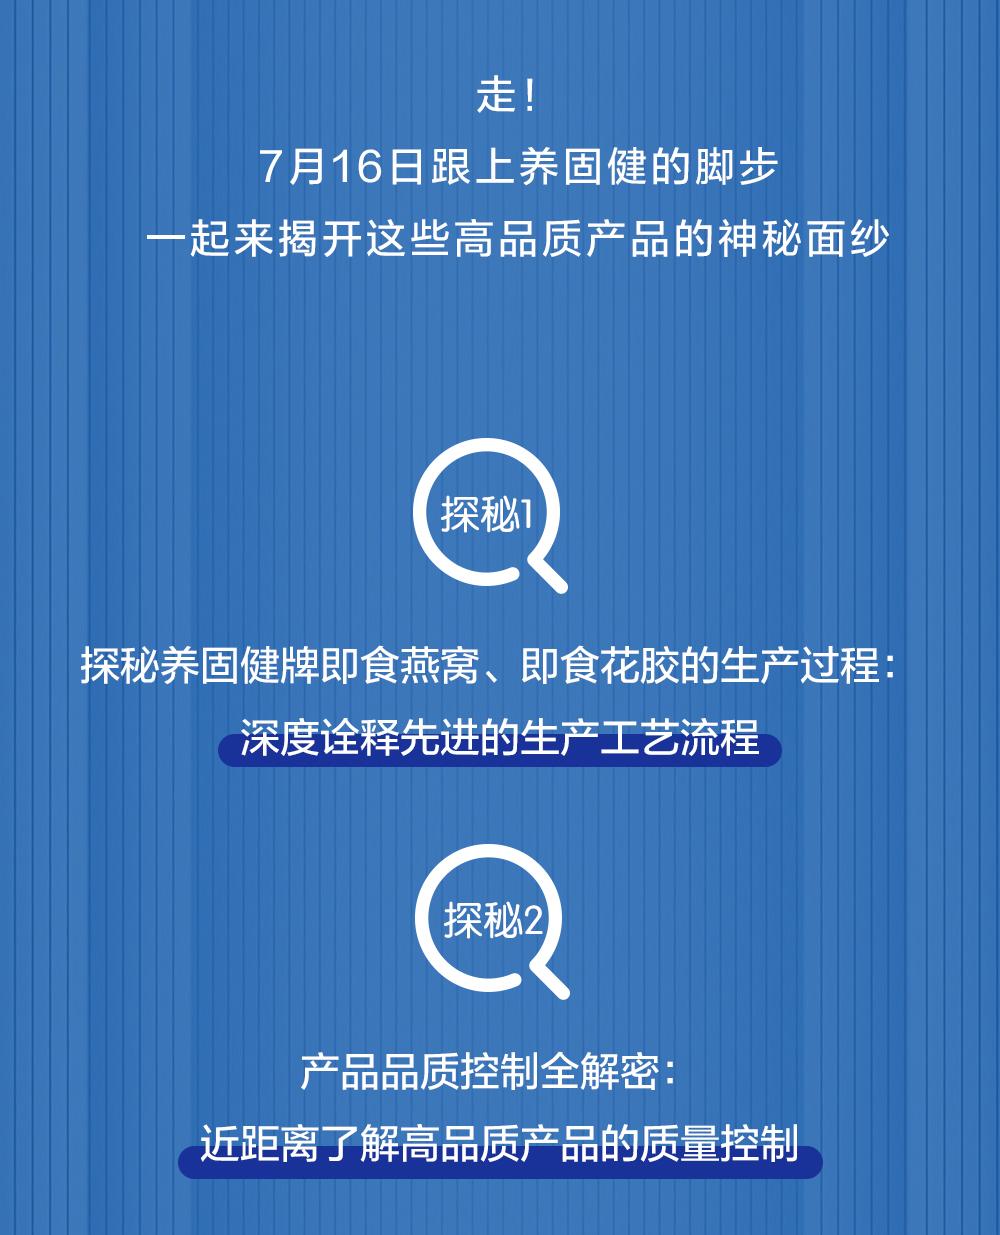 7月欢聚周主题促销直播预告推文_02